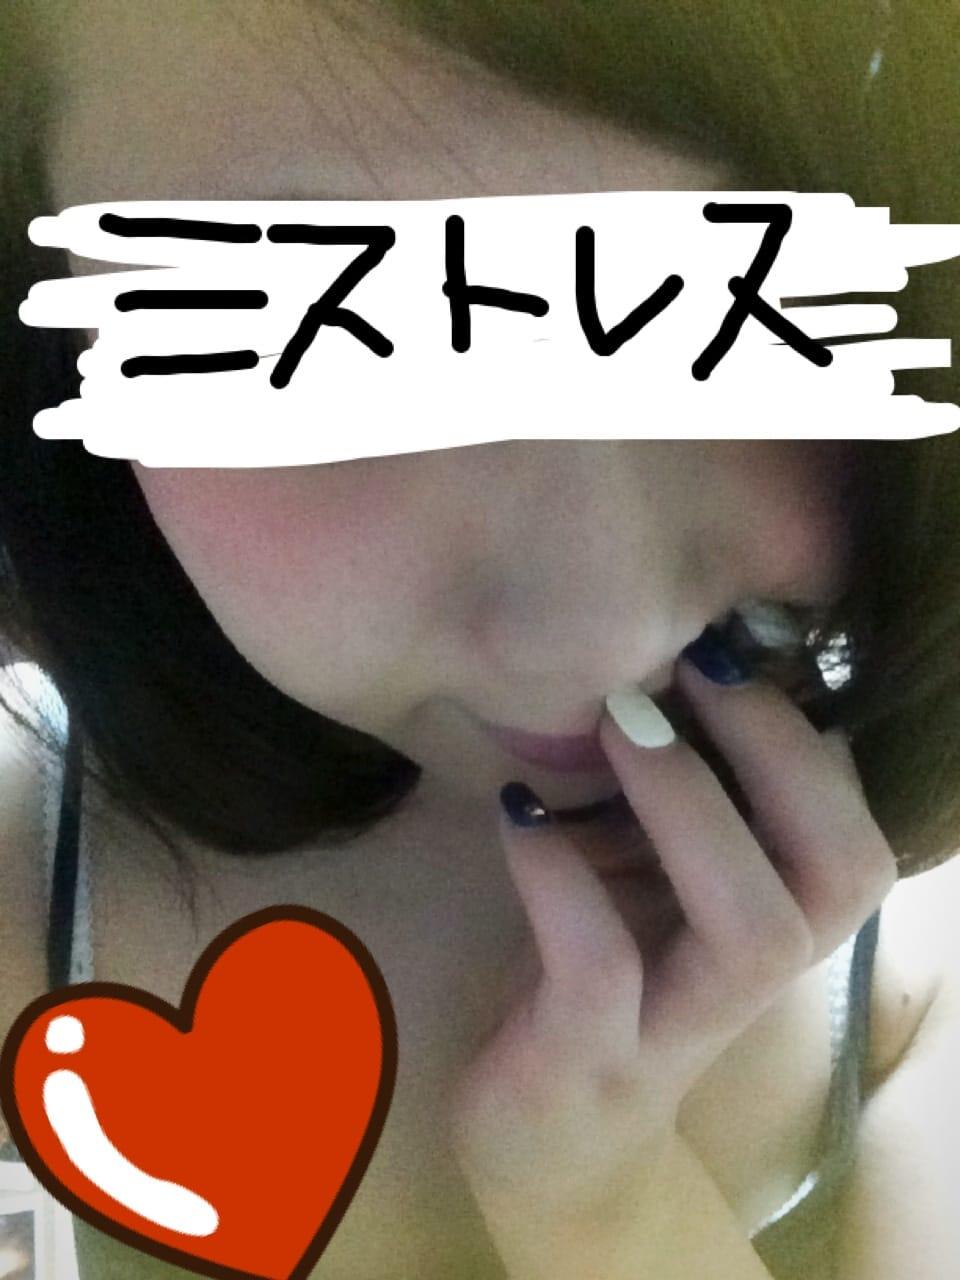 「こんばんは♪」07/28(金) 22:10 | りかこの写メ・風俗動画